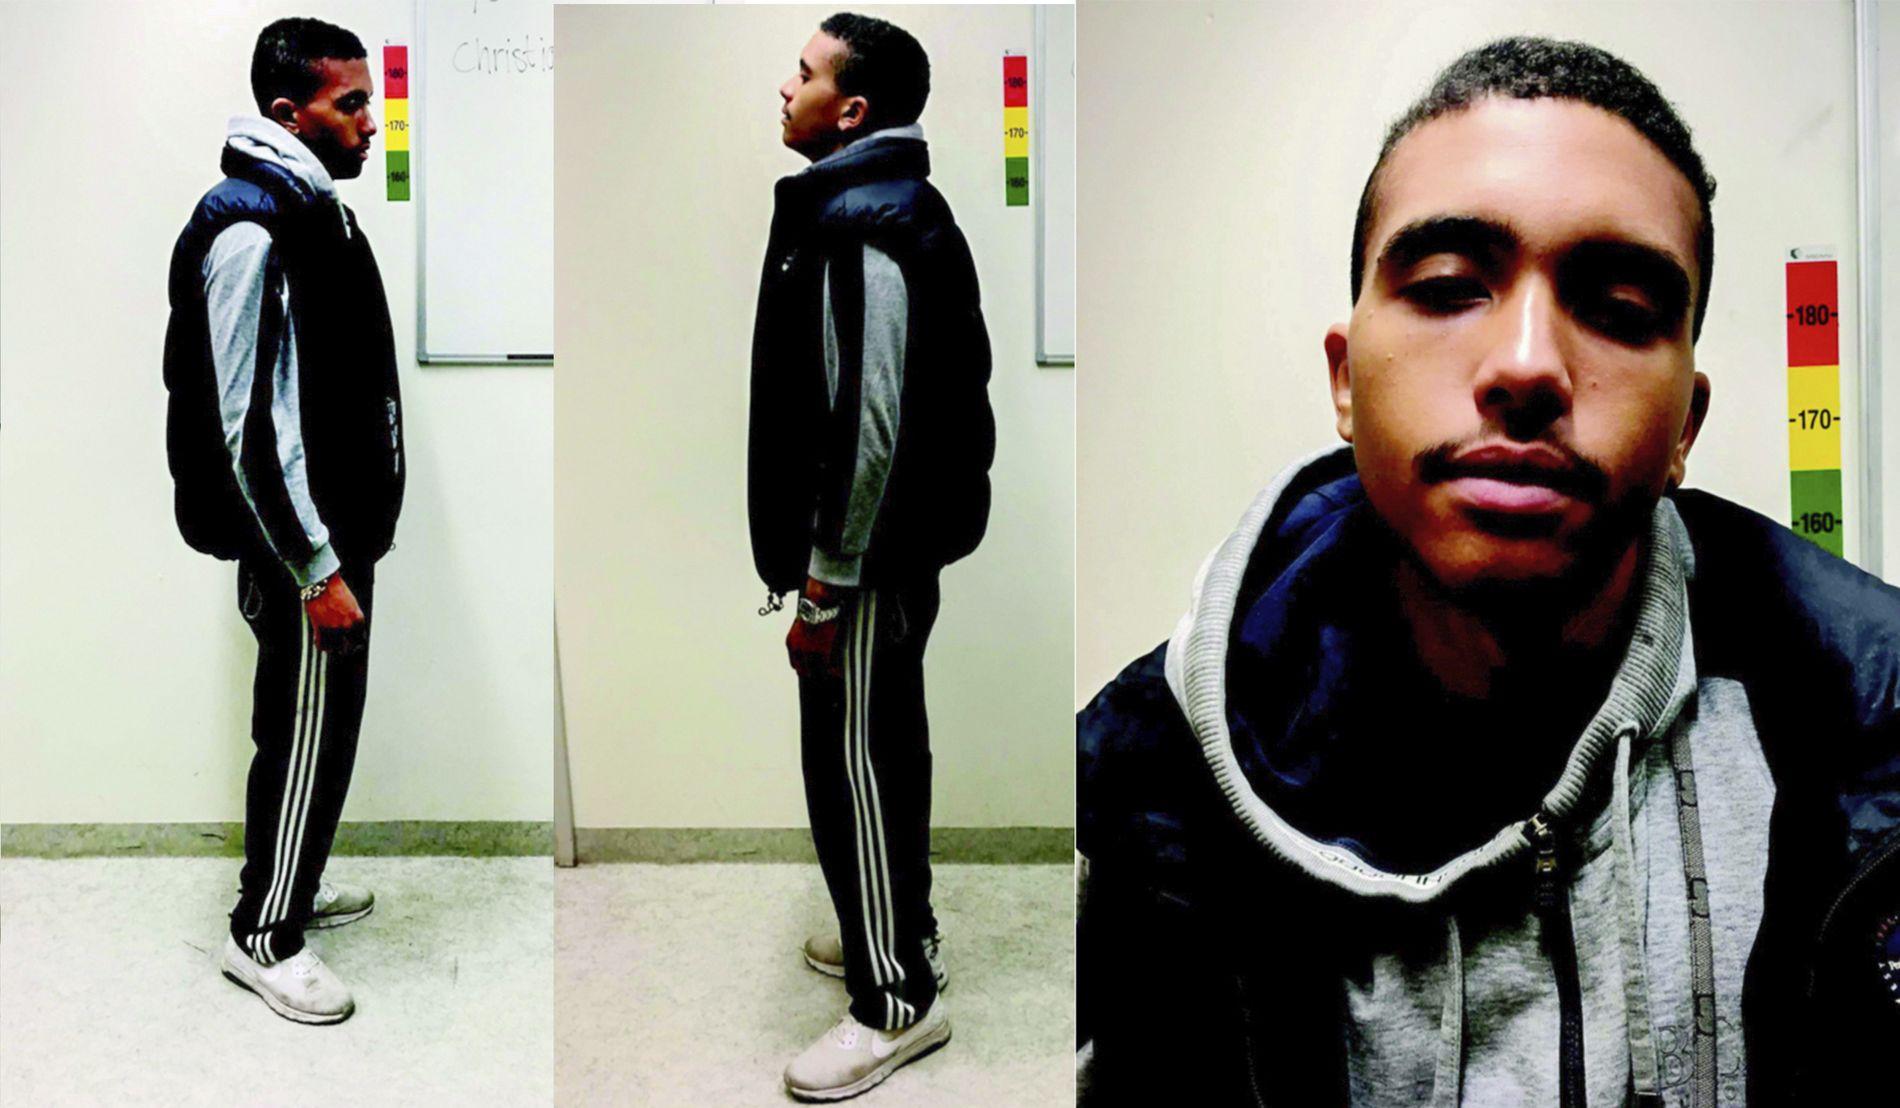 POLITIFOTO: Makaveli Lindén ble pågrepet tirsdag. Bildet ble tatt av svensk politi da han ble tatt for et knivran i et kollektiv i Uppsala i fjor.